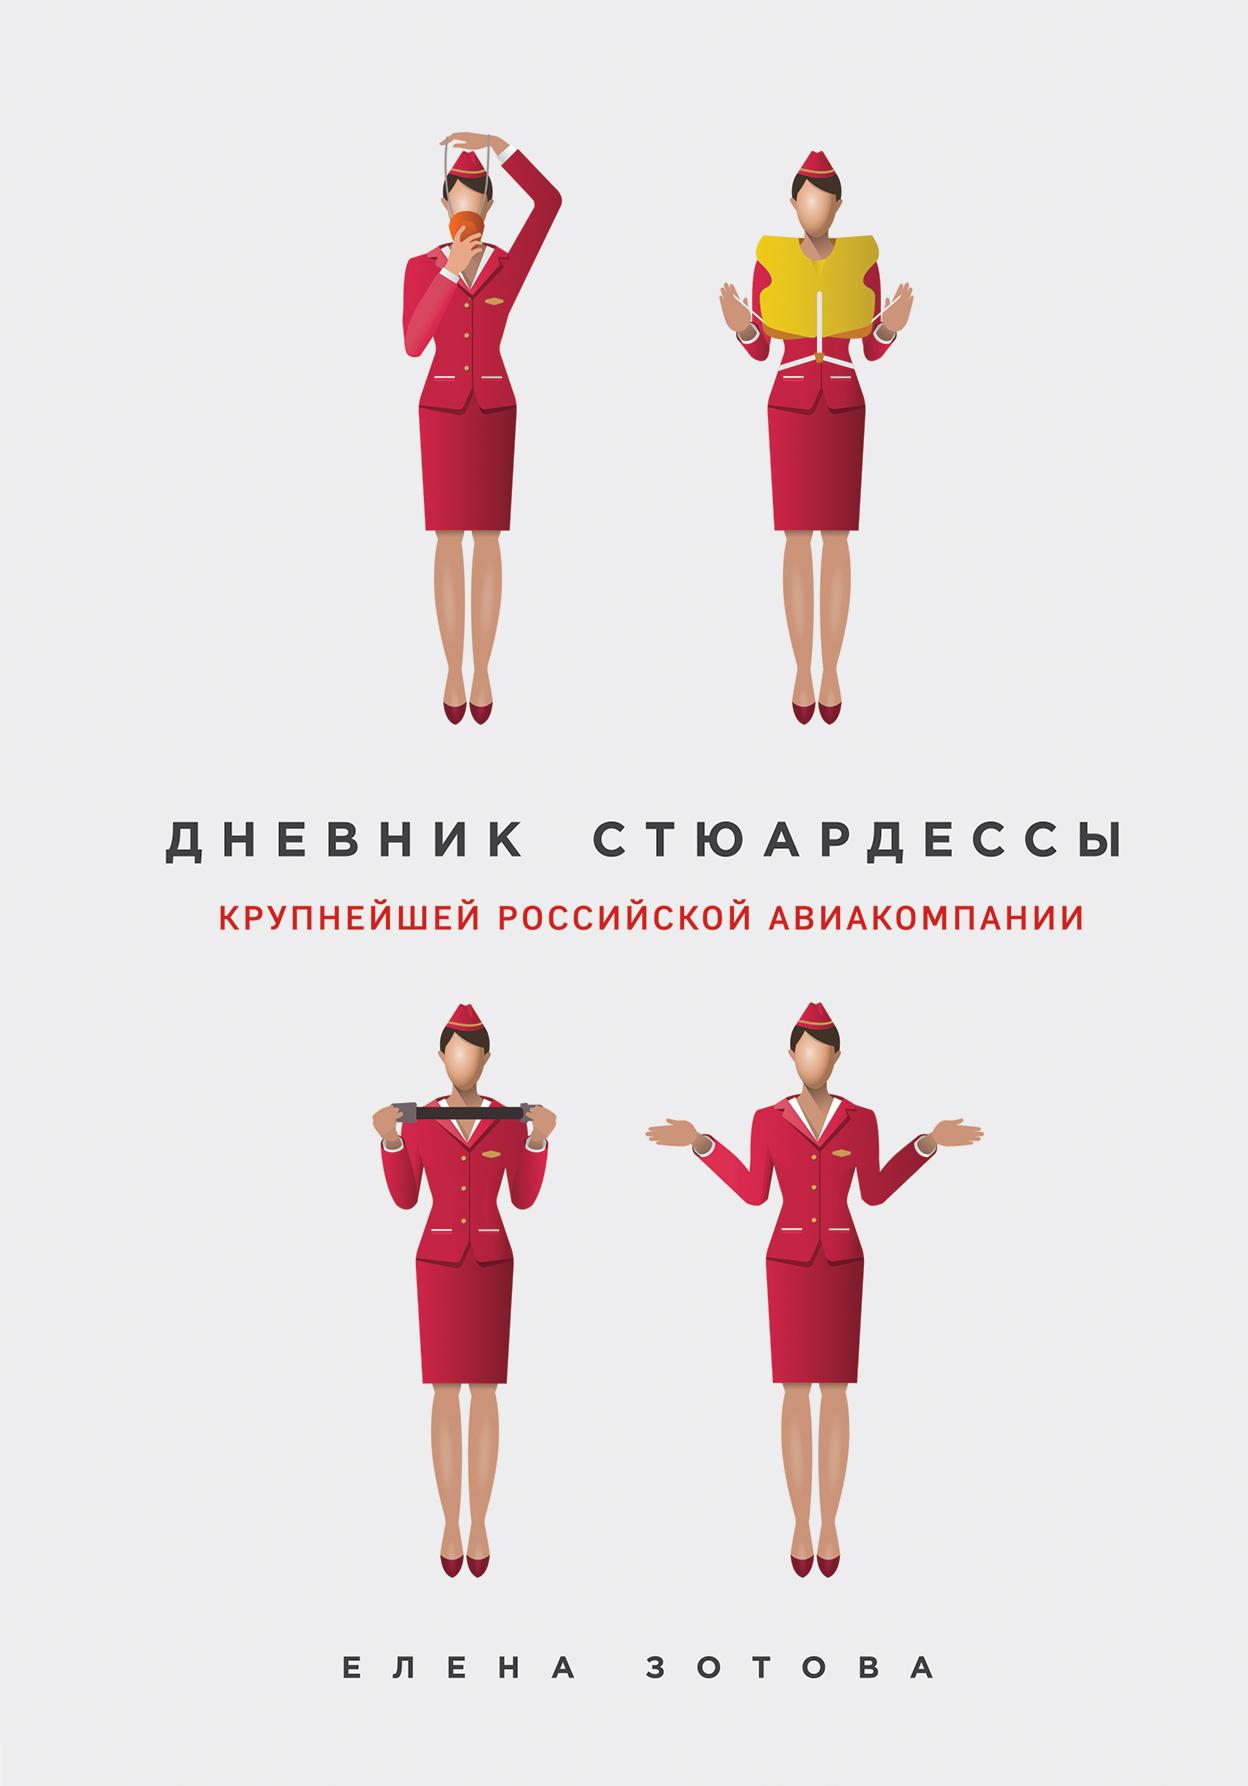 Елена Зотова Дневник стюардессы (сборник) авиабилеты аэрофлота в лос анжелес